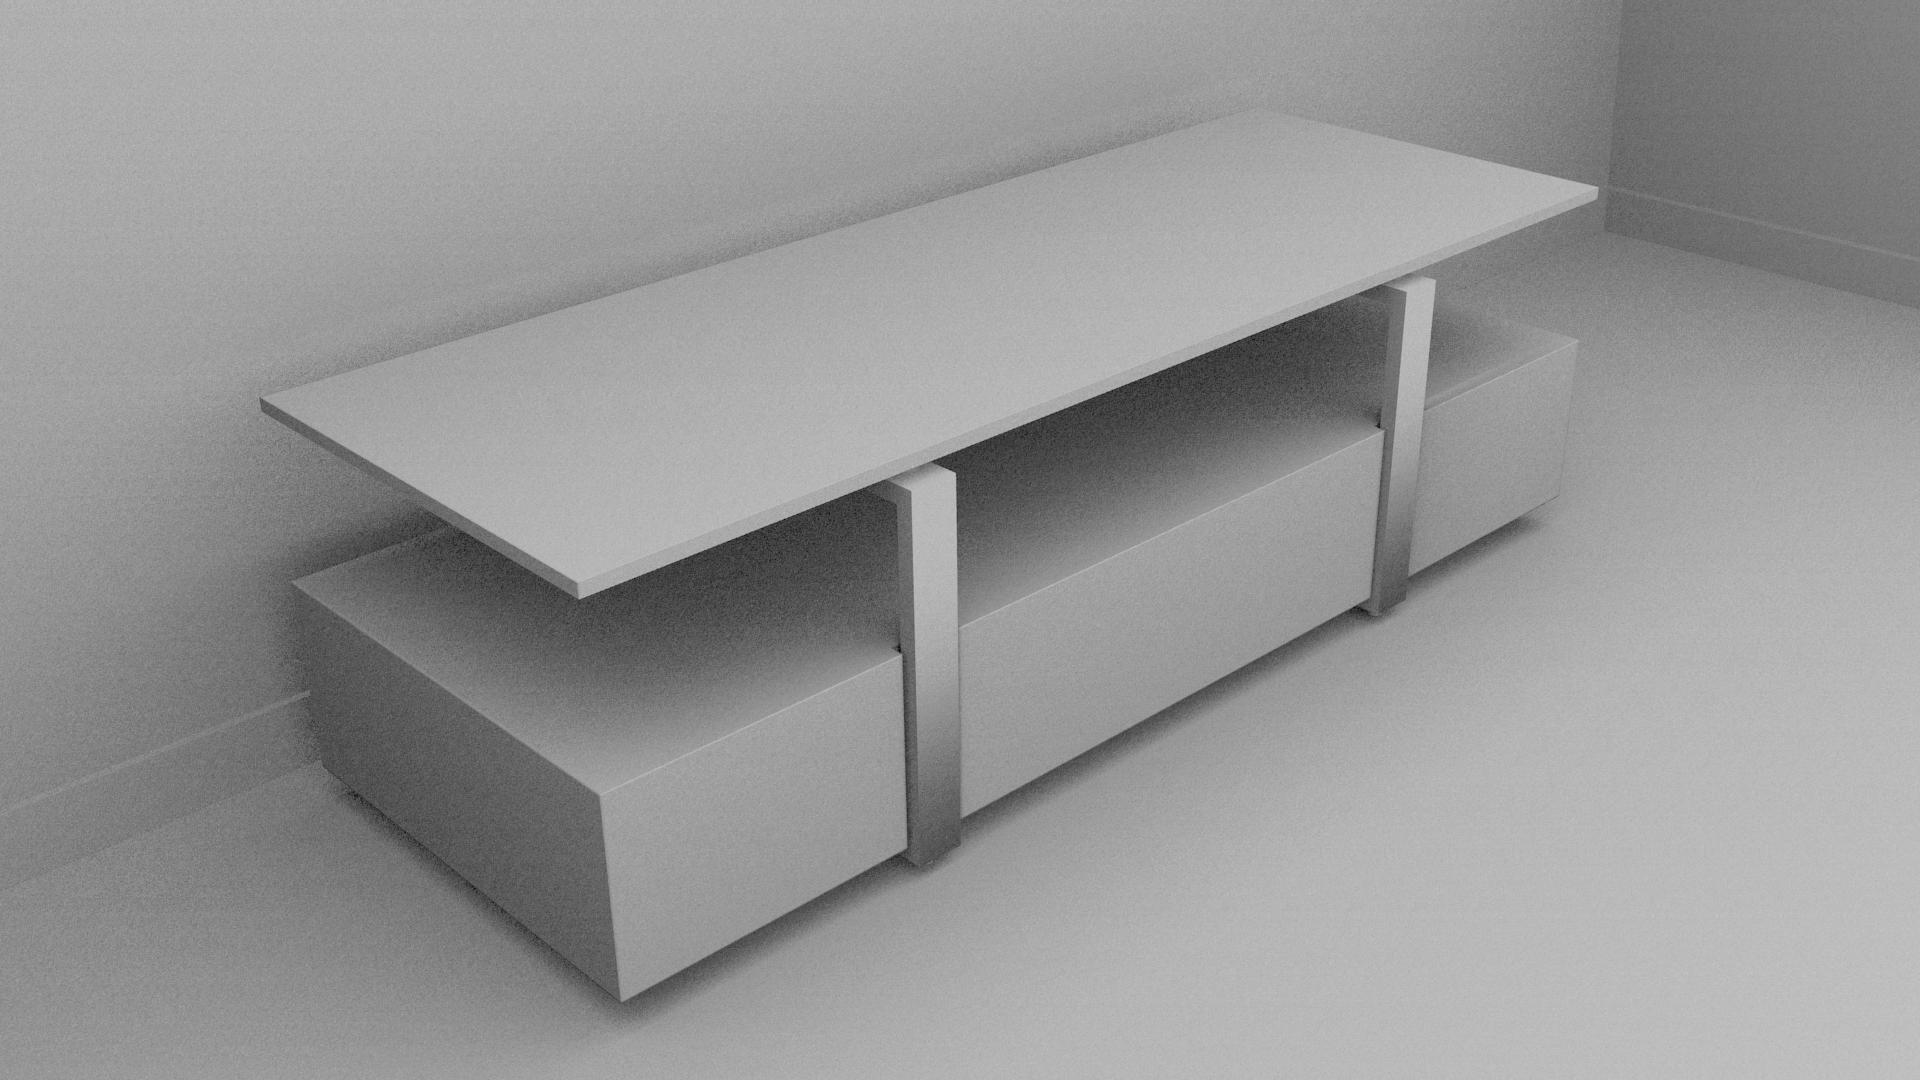 Mod Le Table Tv Fenrez Com Sammlung Von Design Zeichnungen Als  # Modele Table Tv